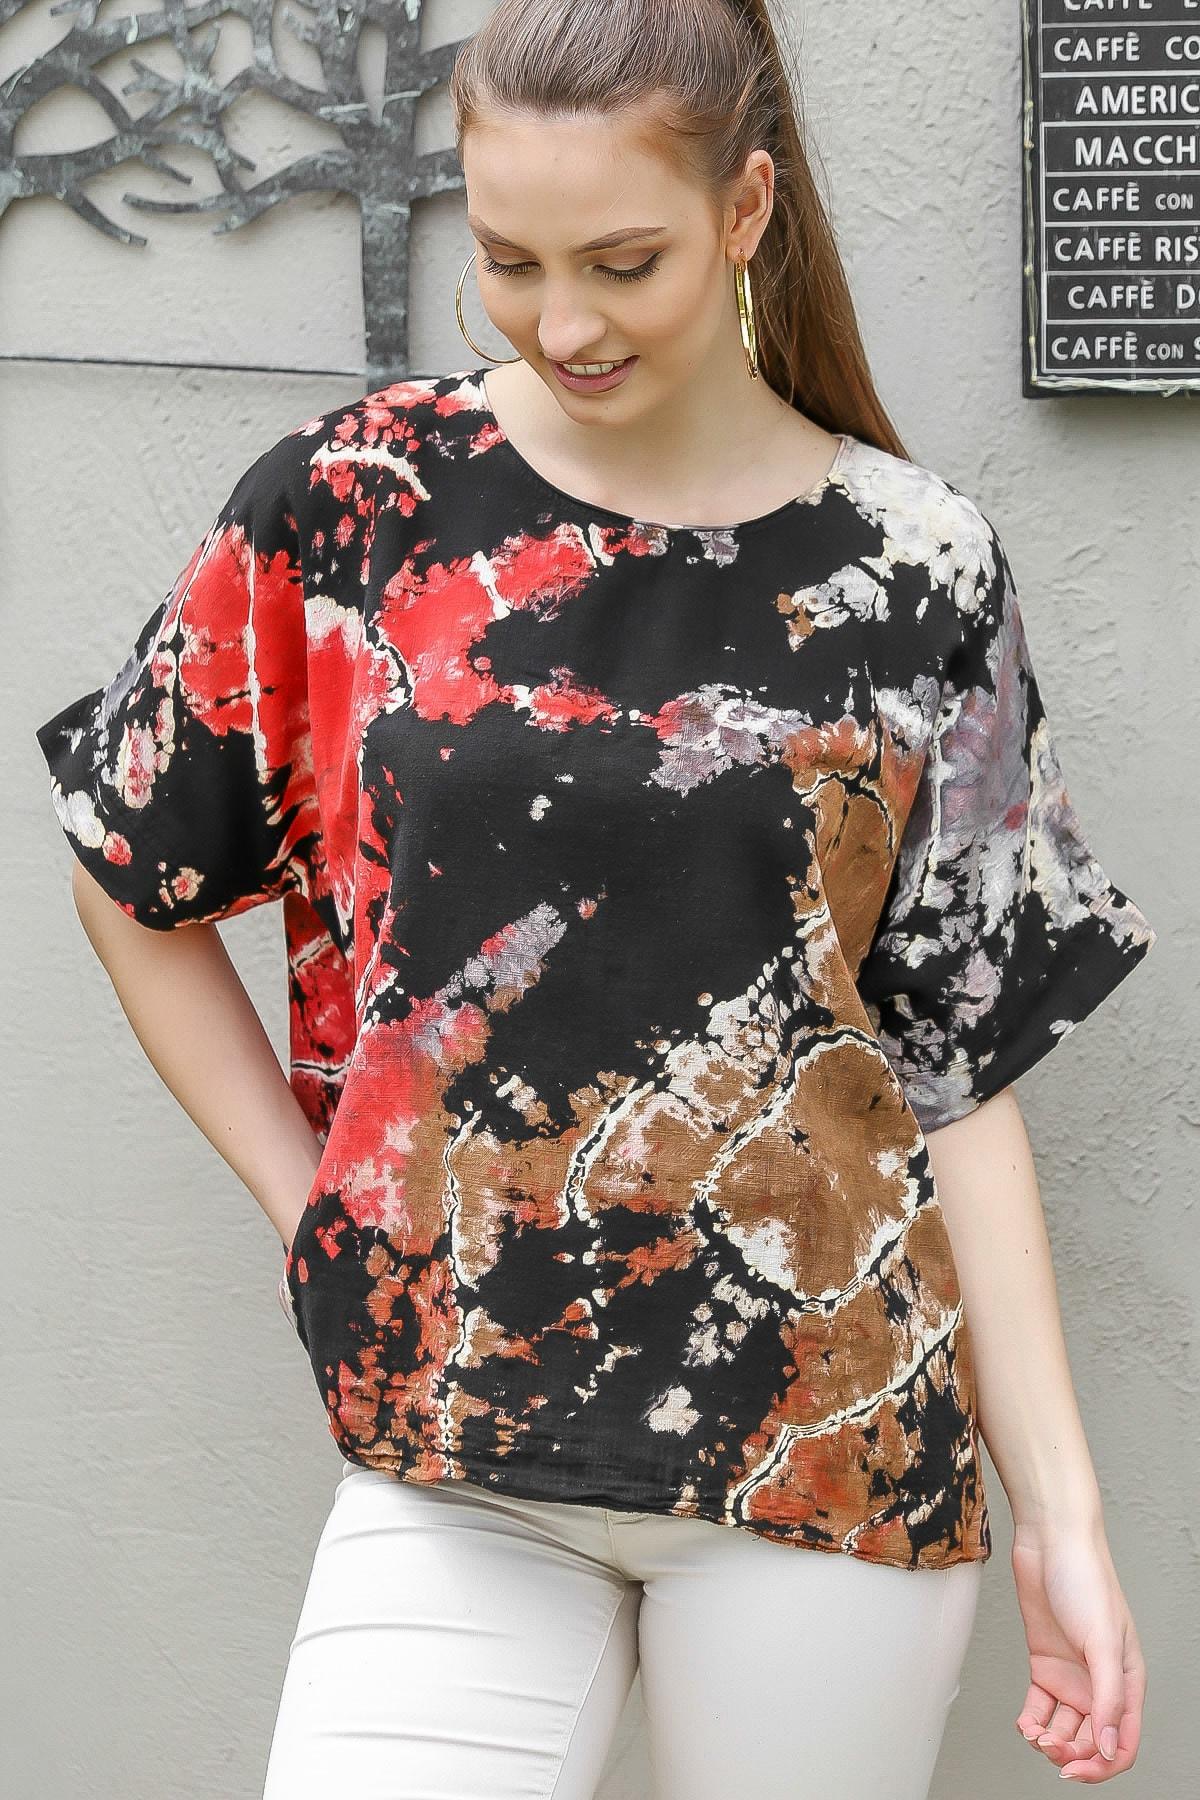 Chiccy Kadın Siyah-Kırmızı Sıfır Yaka Batik Desenli Dokuma Salaş Bluz M10010200BL95416